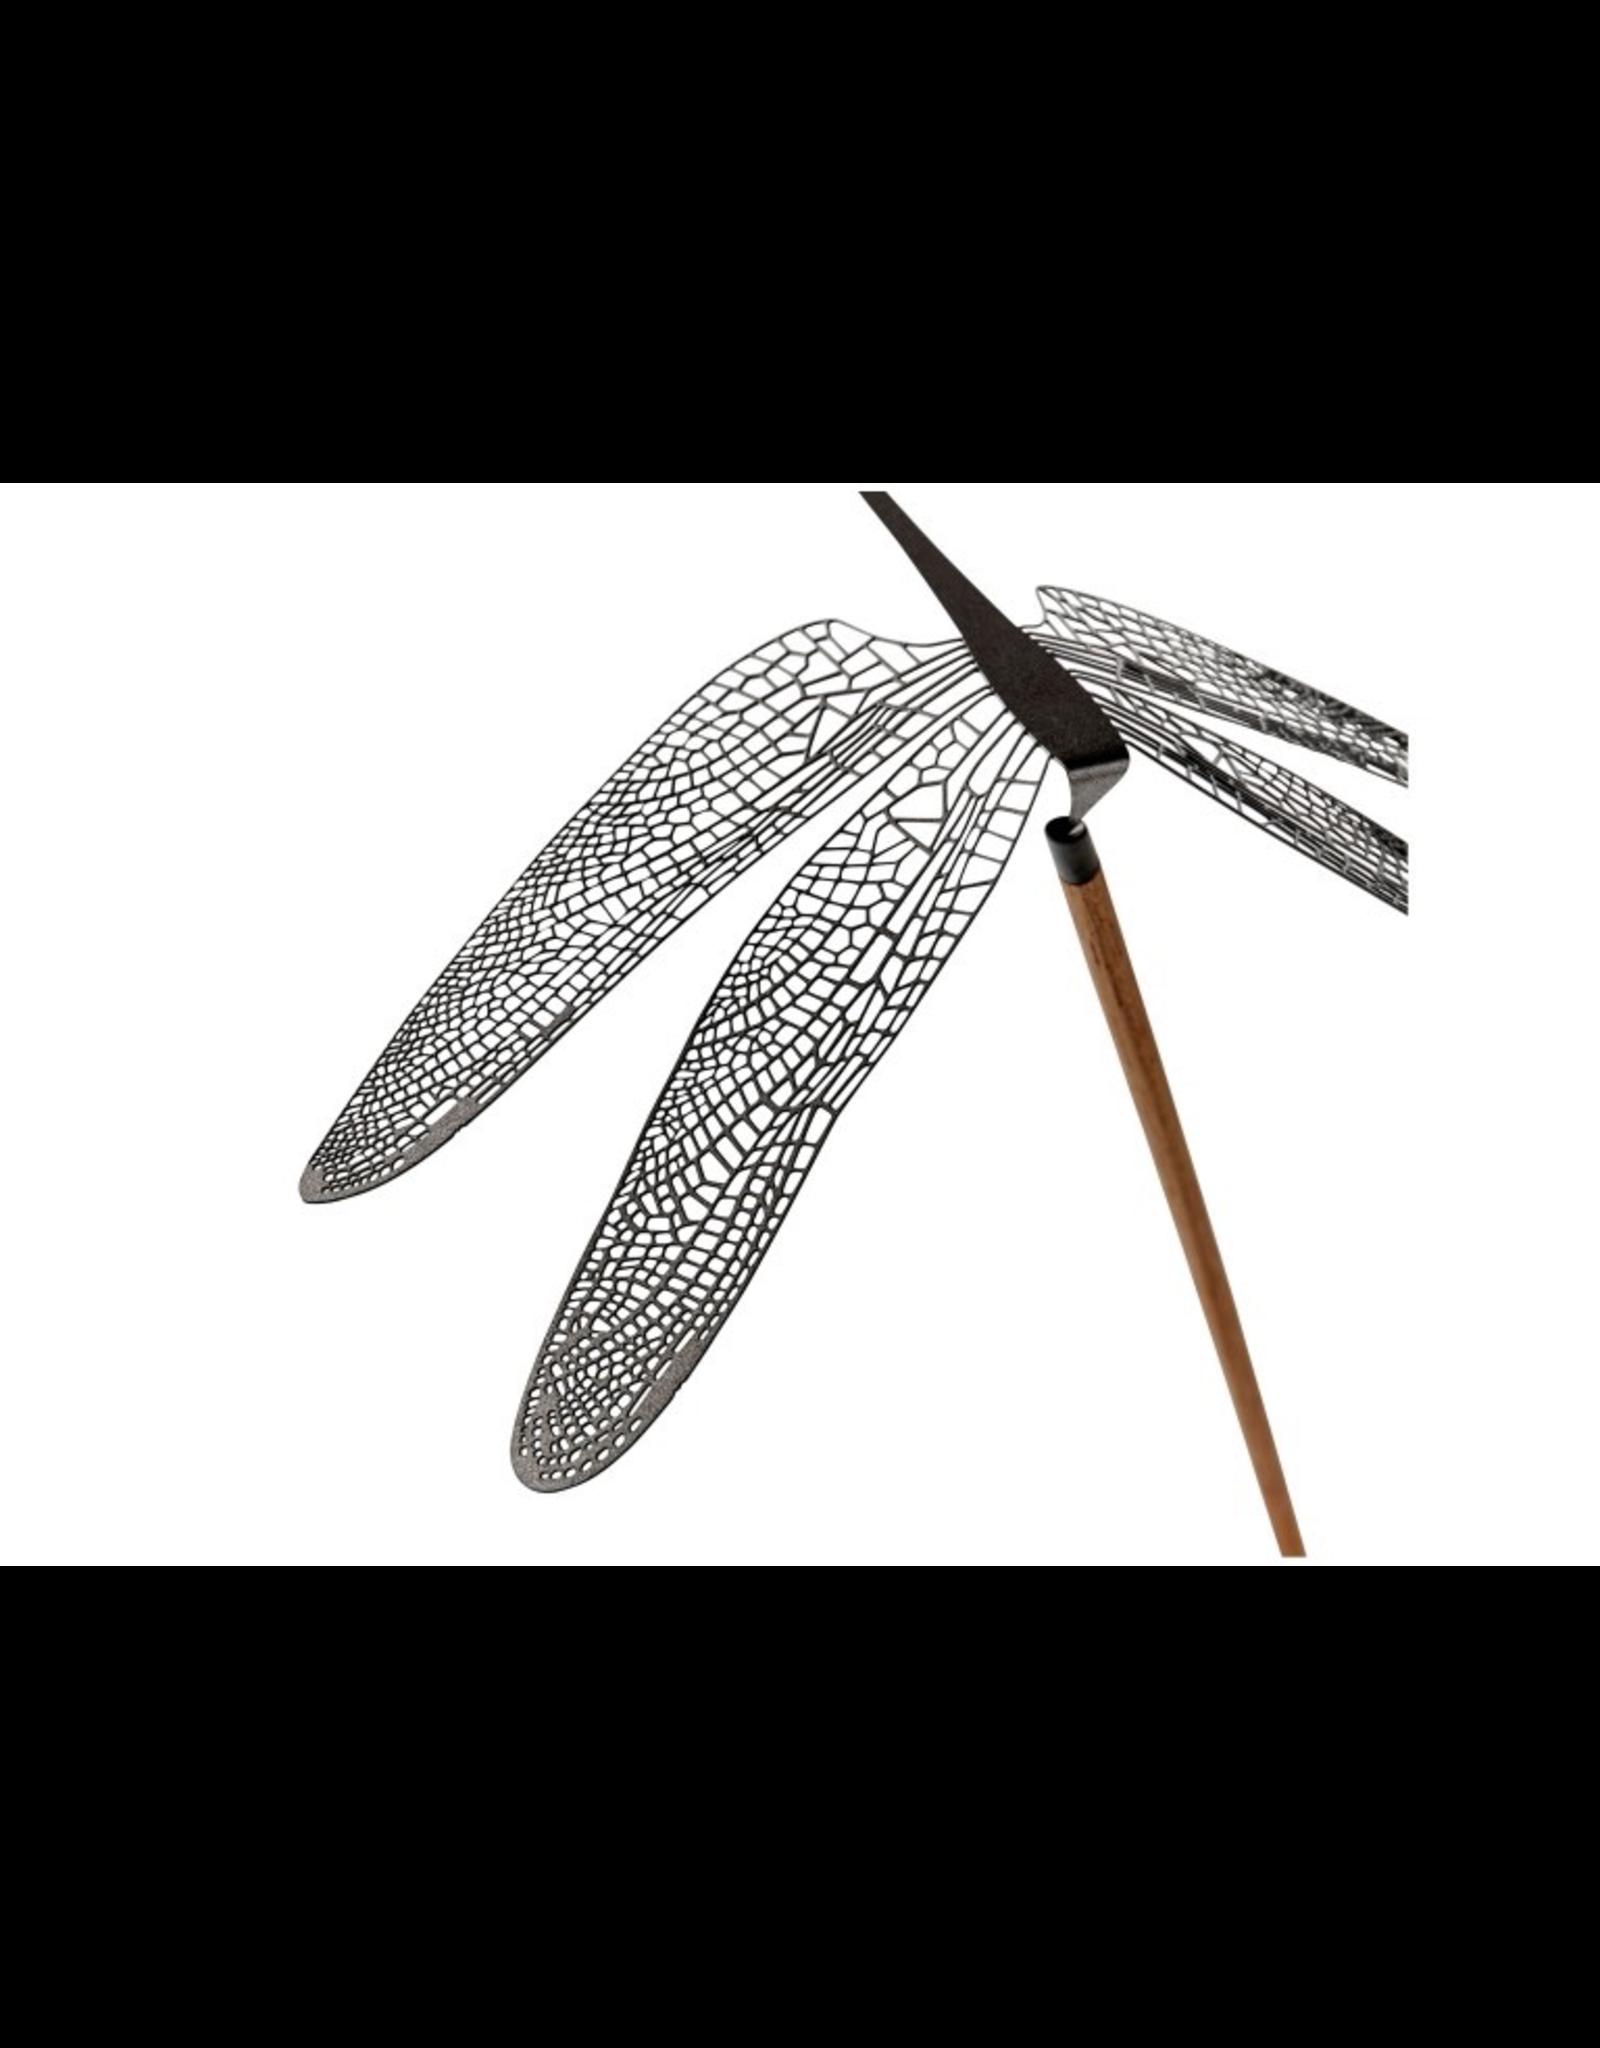 decoratie Wonder Dragonfly 3pcs - Set S/M/L - Mixed